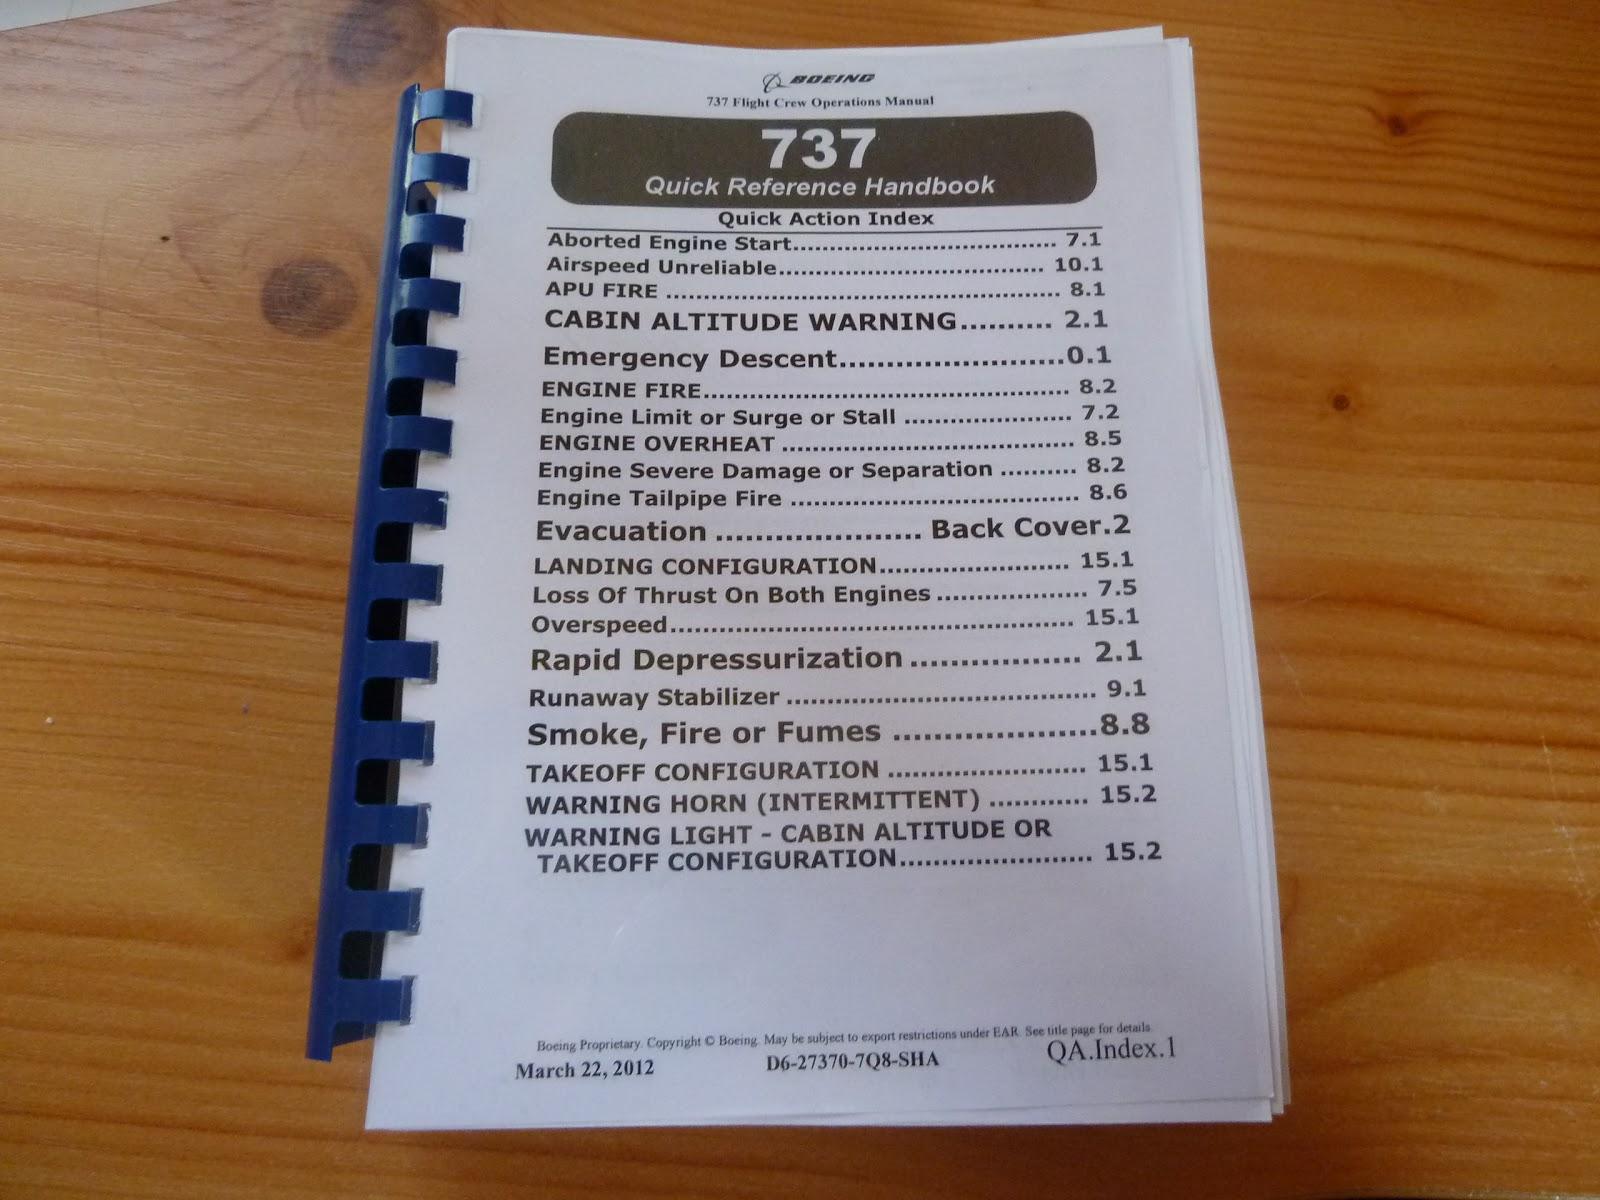 b737ng simulator rh sim b737ng blogspot com USDA Quick Reference Guide Media Center Manual